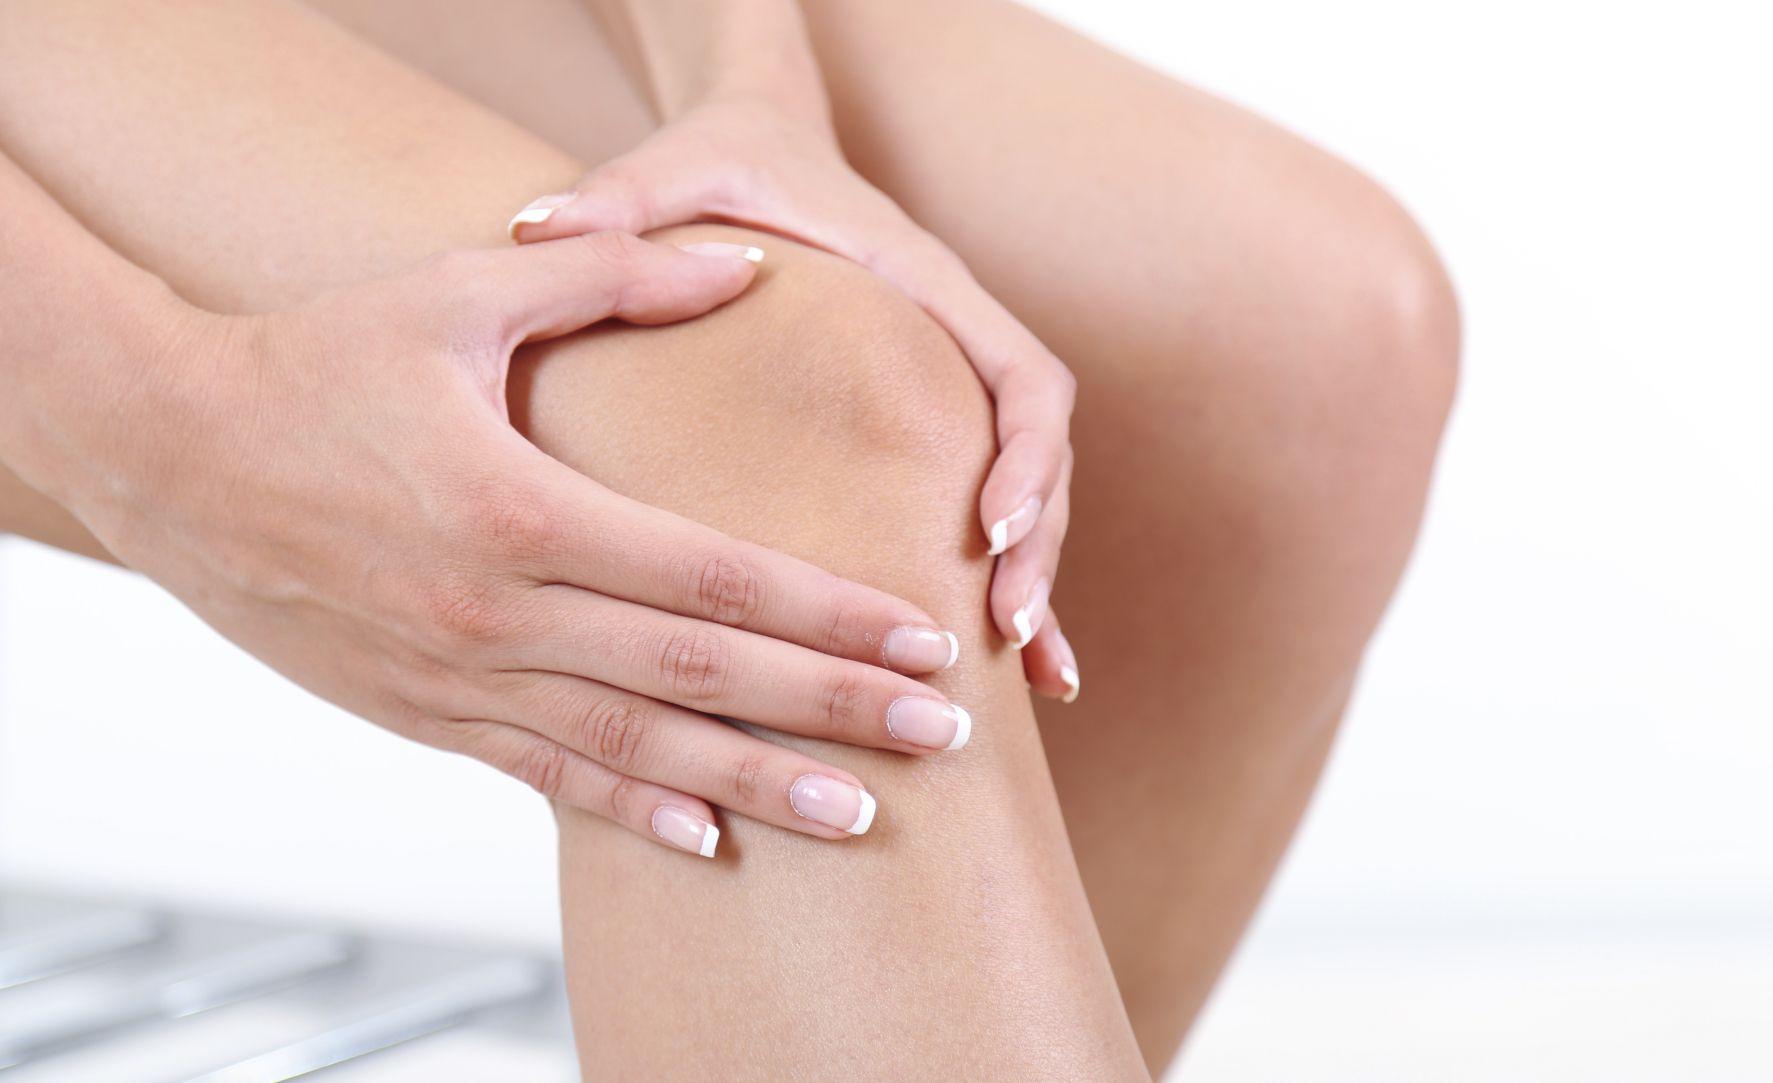 De ce apare durerea de genunchi? Cauze și metode de tratament